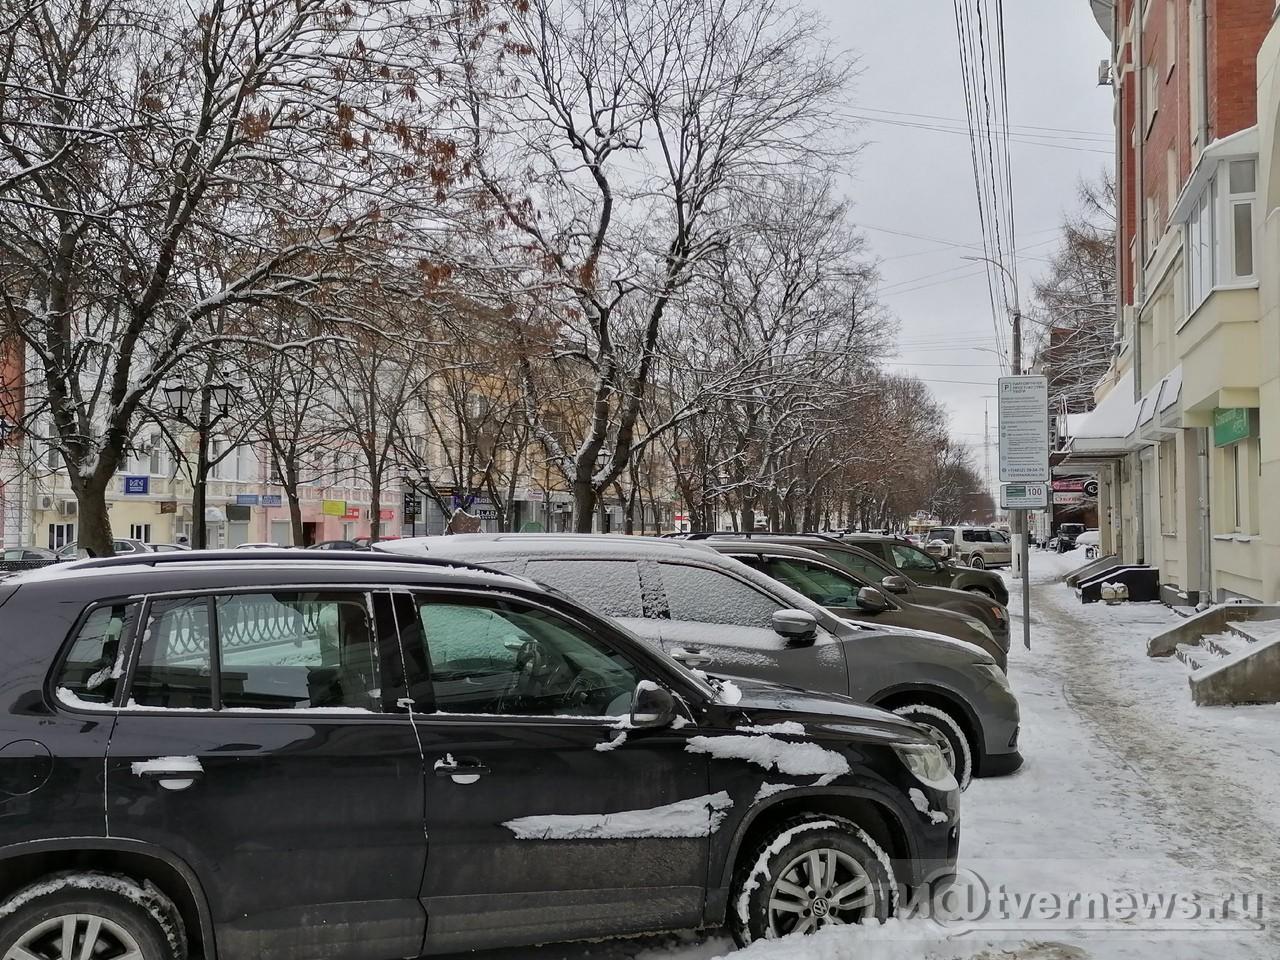 Реклама на авто в твери за деньги автосалон премьер авто москва авто с пробегом